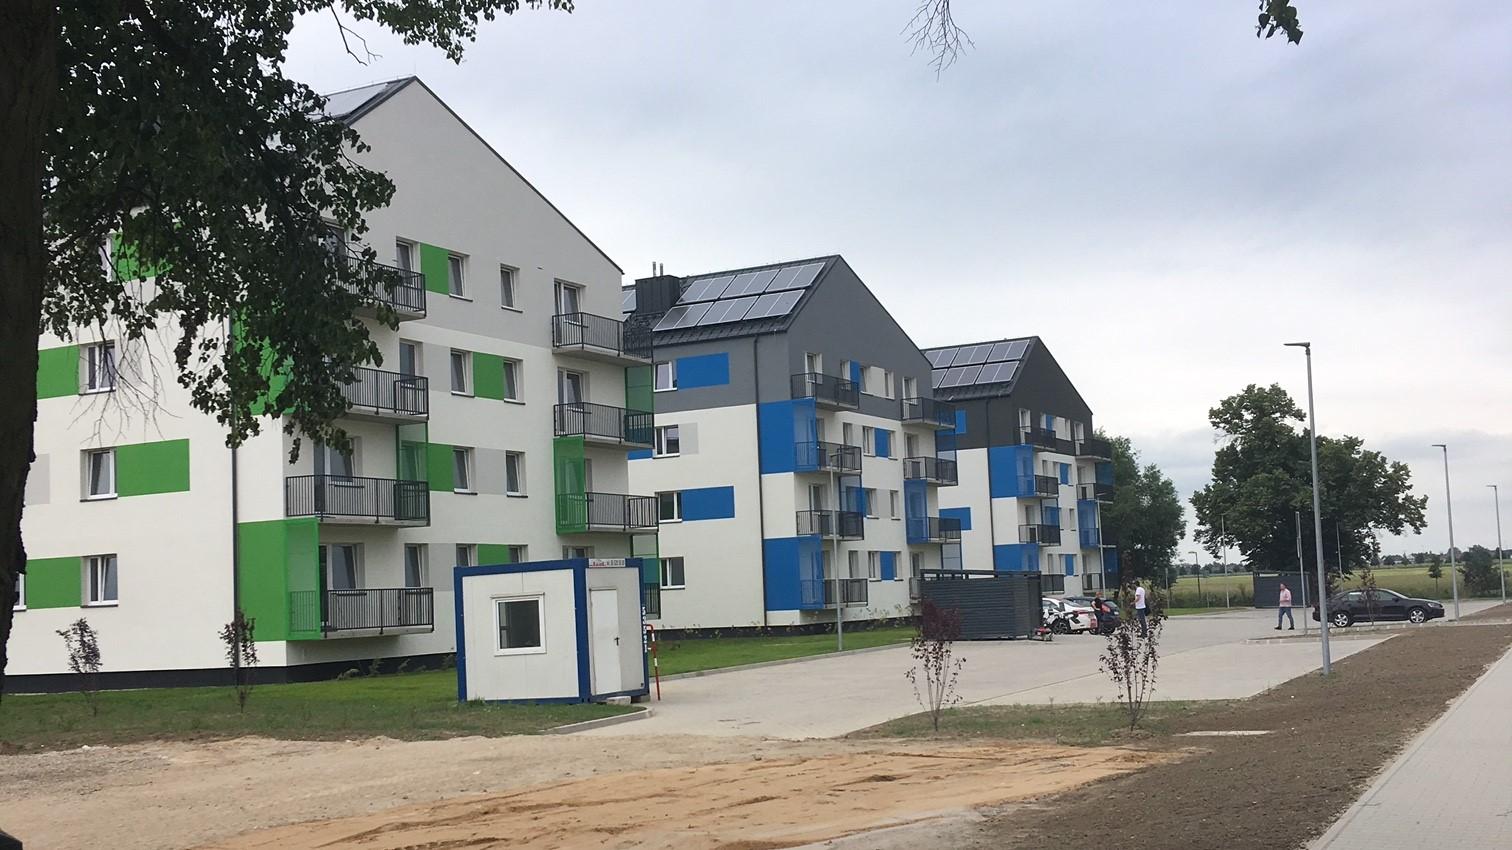 nowe bloki leszno gminne towarzystwo budownictwa społecznego - Jacek Marciniak